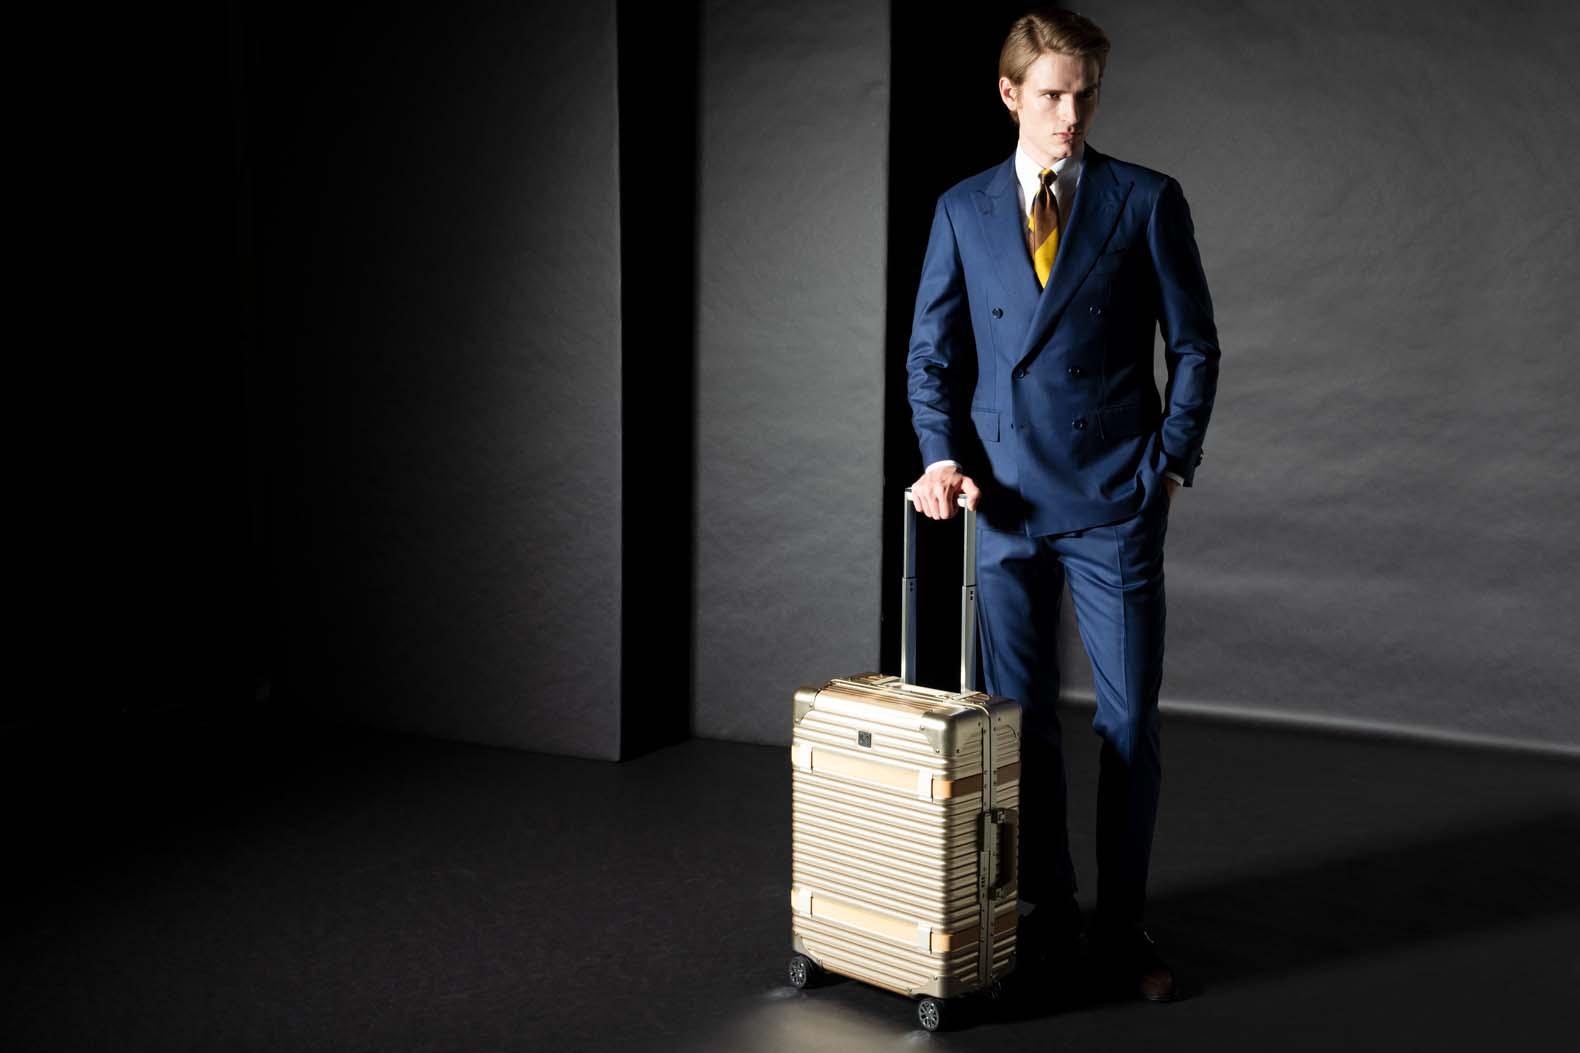 旅慣れた人に刺さる、新進スーツケースブランド 「ランツォ」 が日本に本格上陸